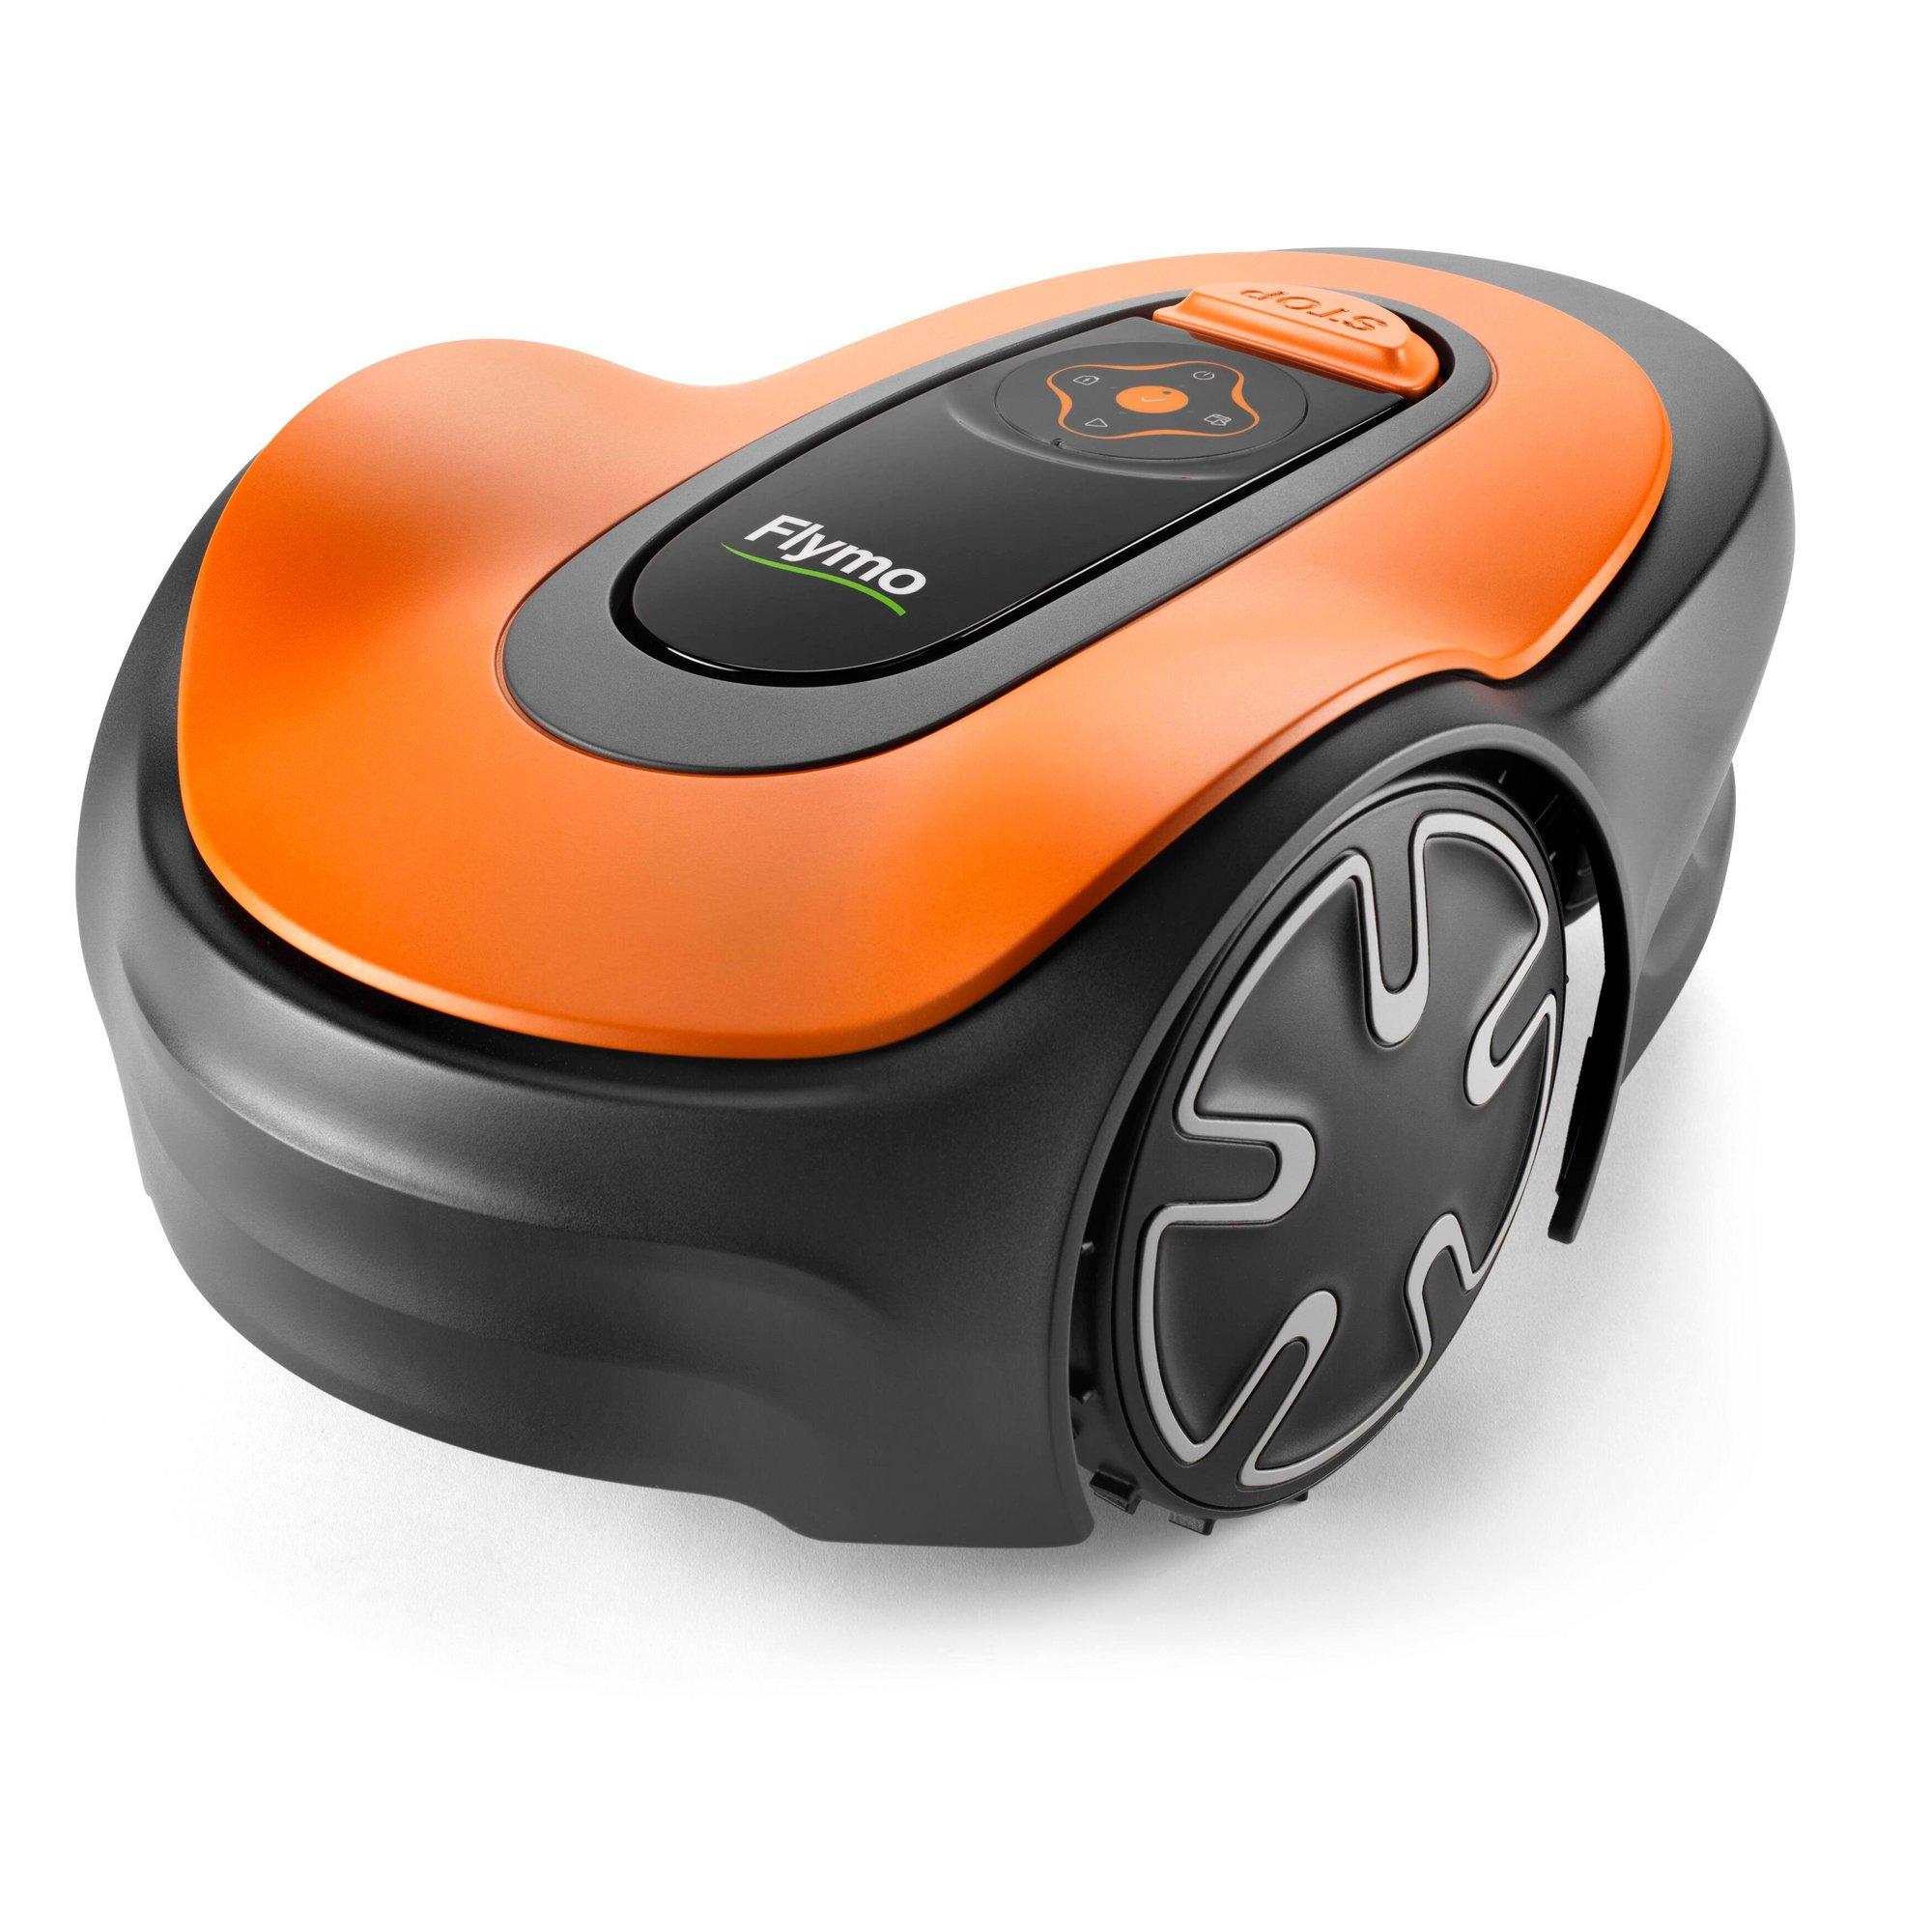 Image of Flymo EasiLife GO 250 Robotic Lawnmower